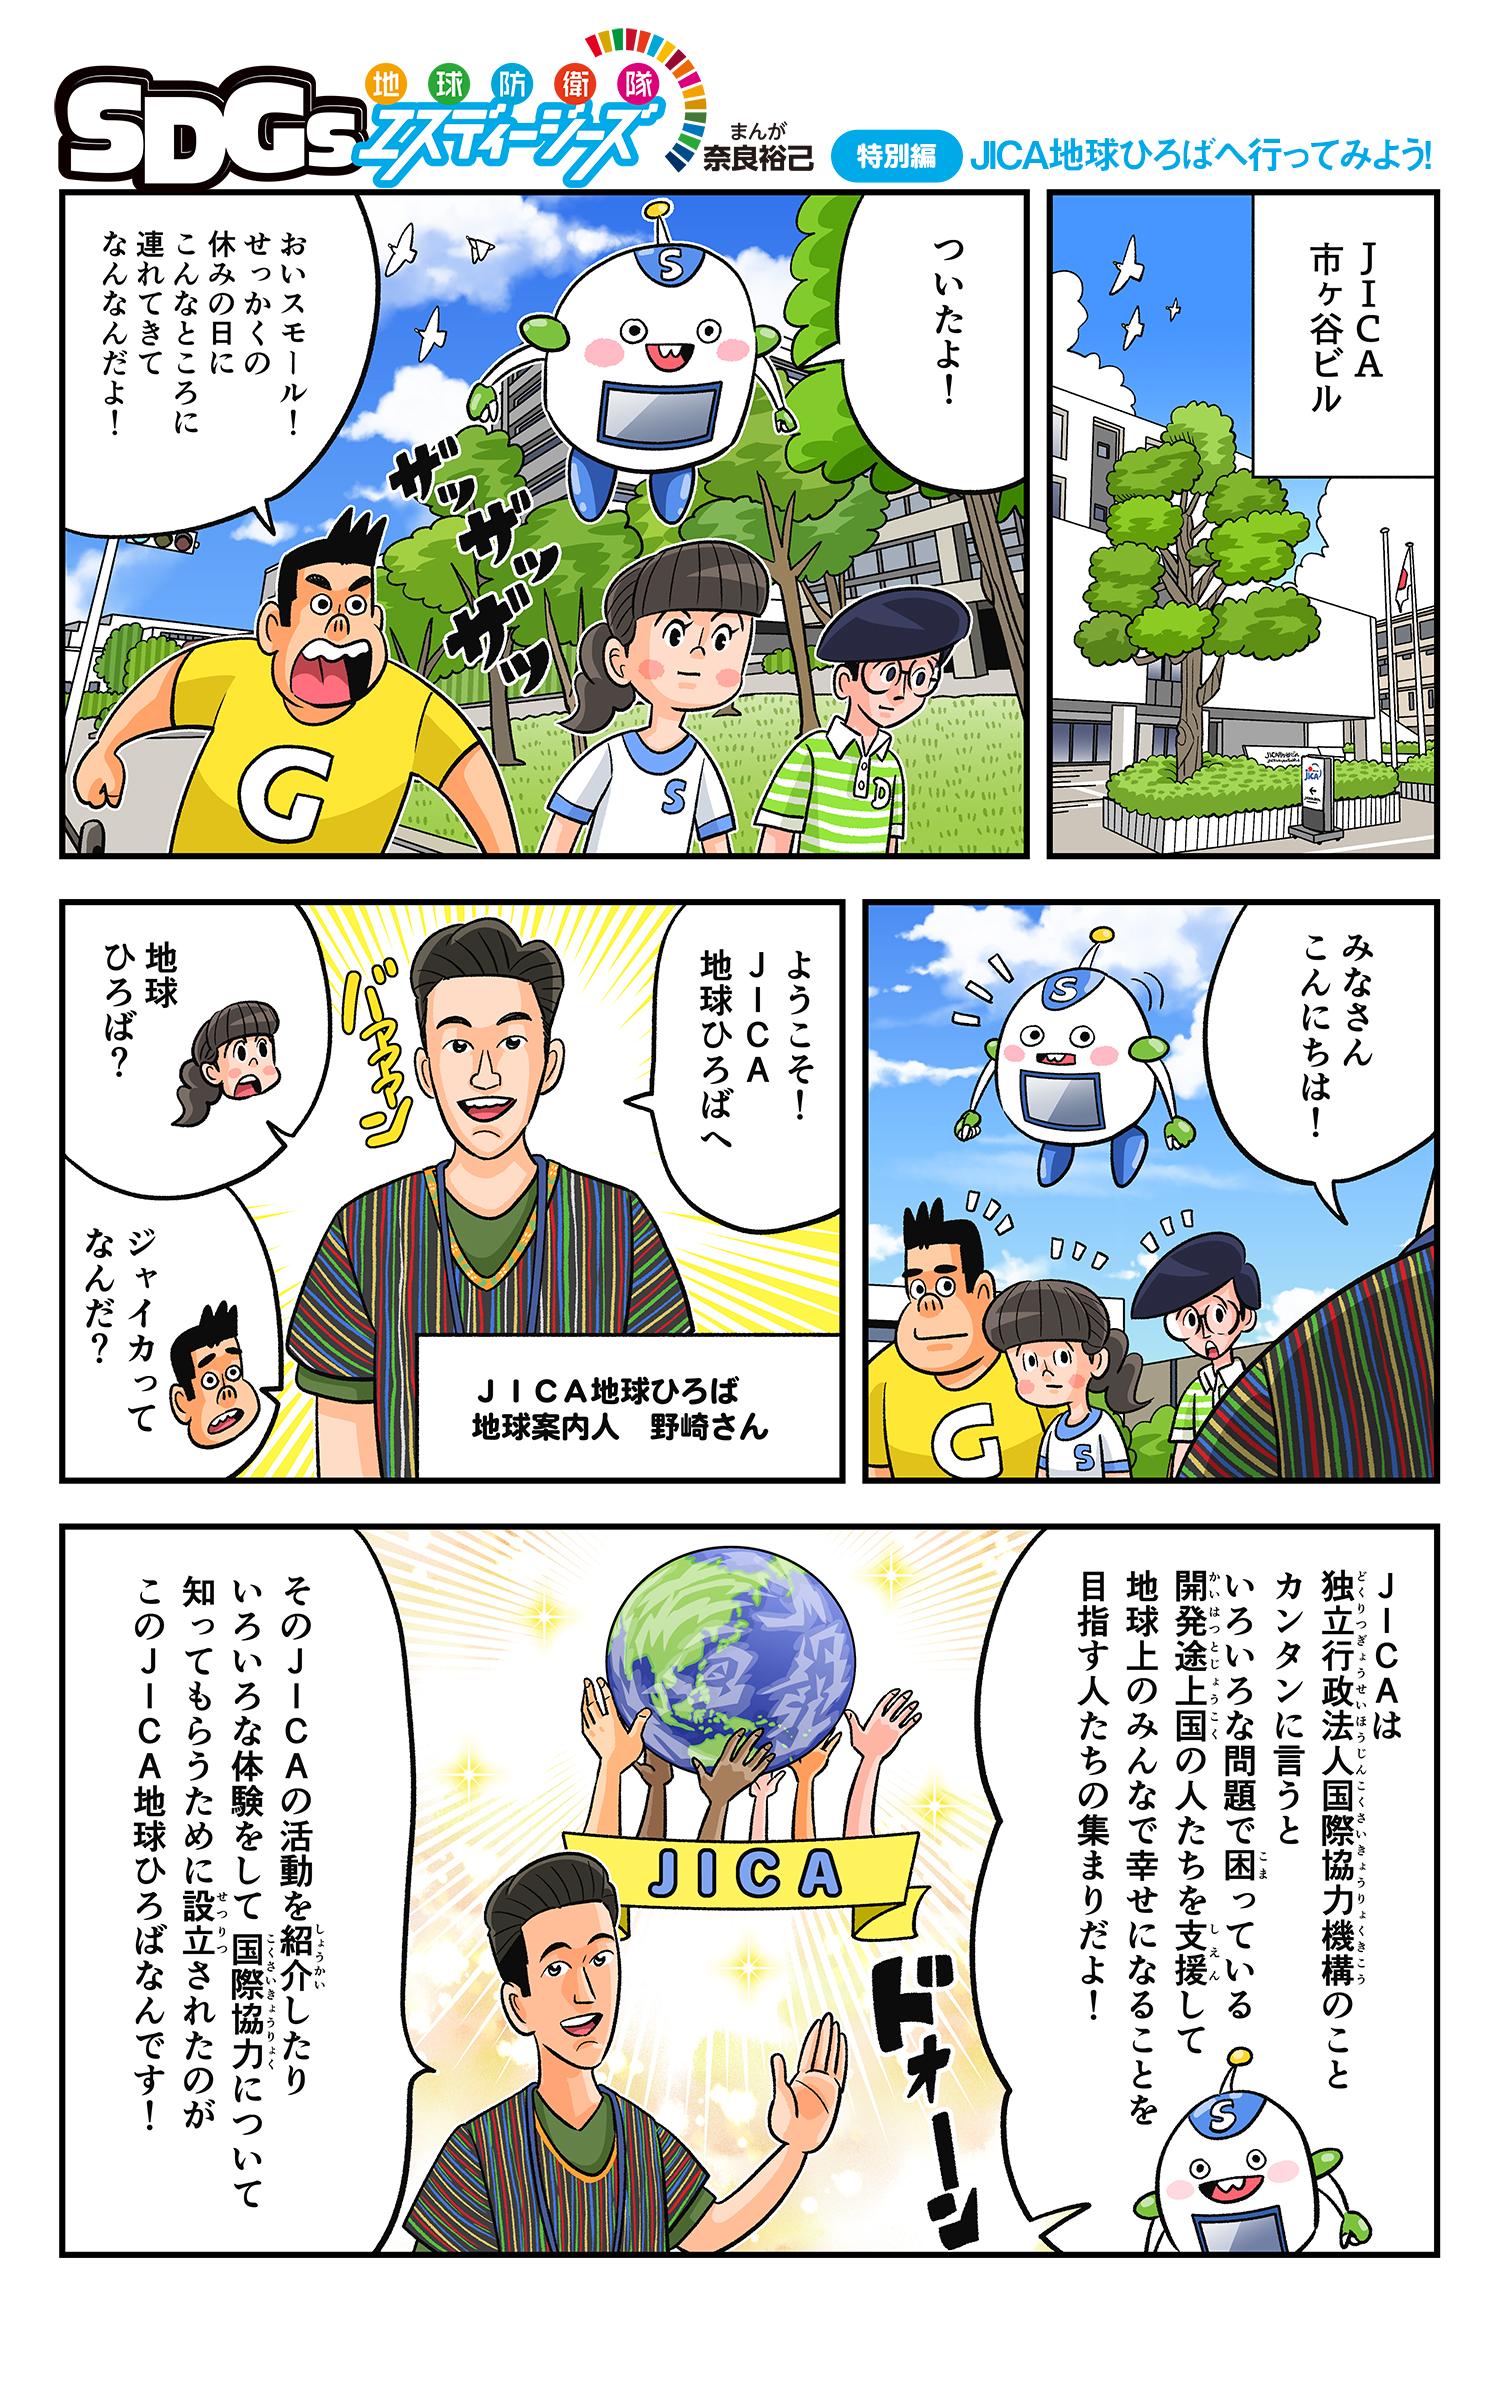 まんが「地球防衛隊SDGs」特別編 JICA地球ひろばへ行ってみよう!